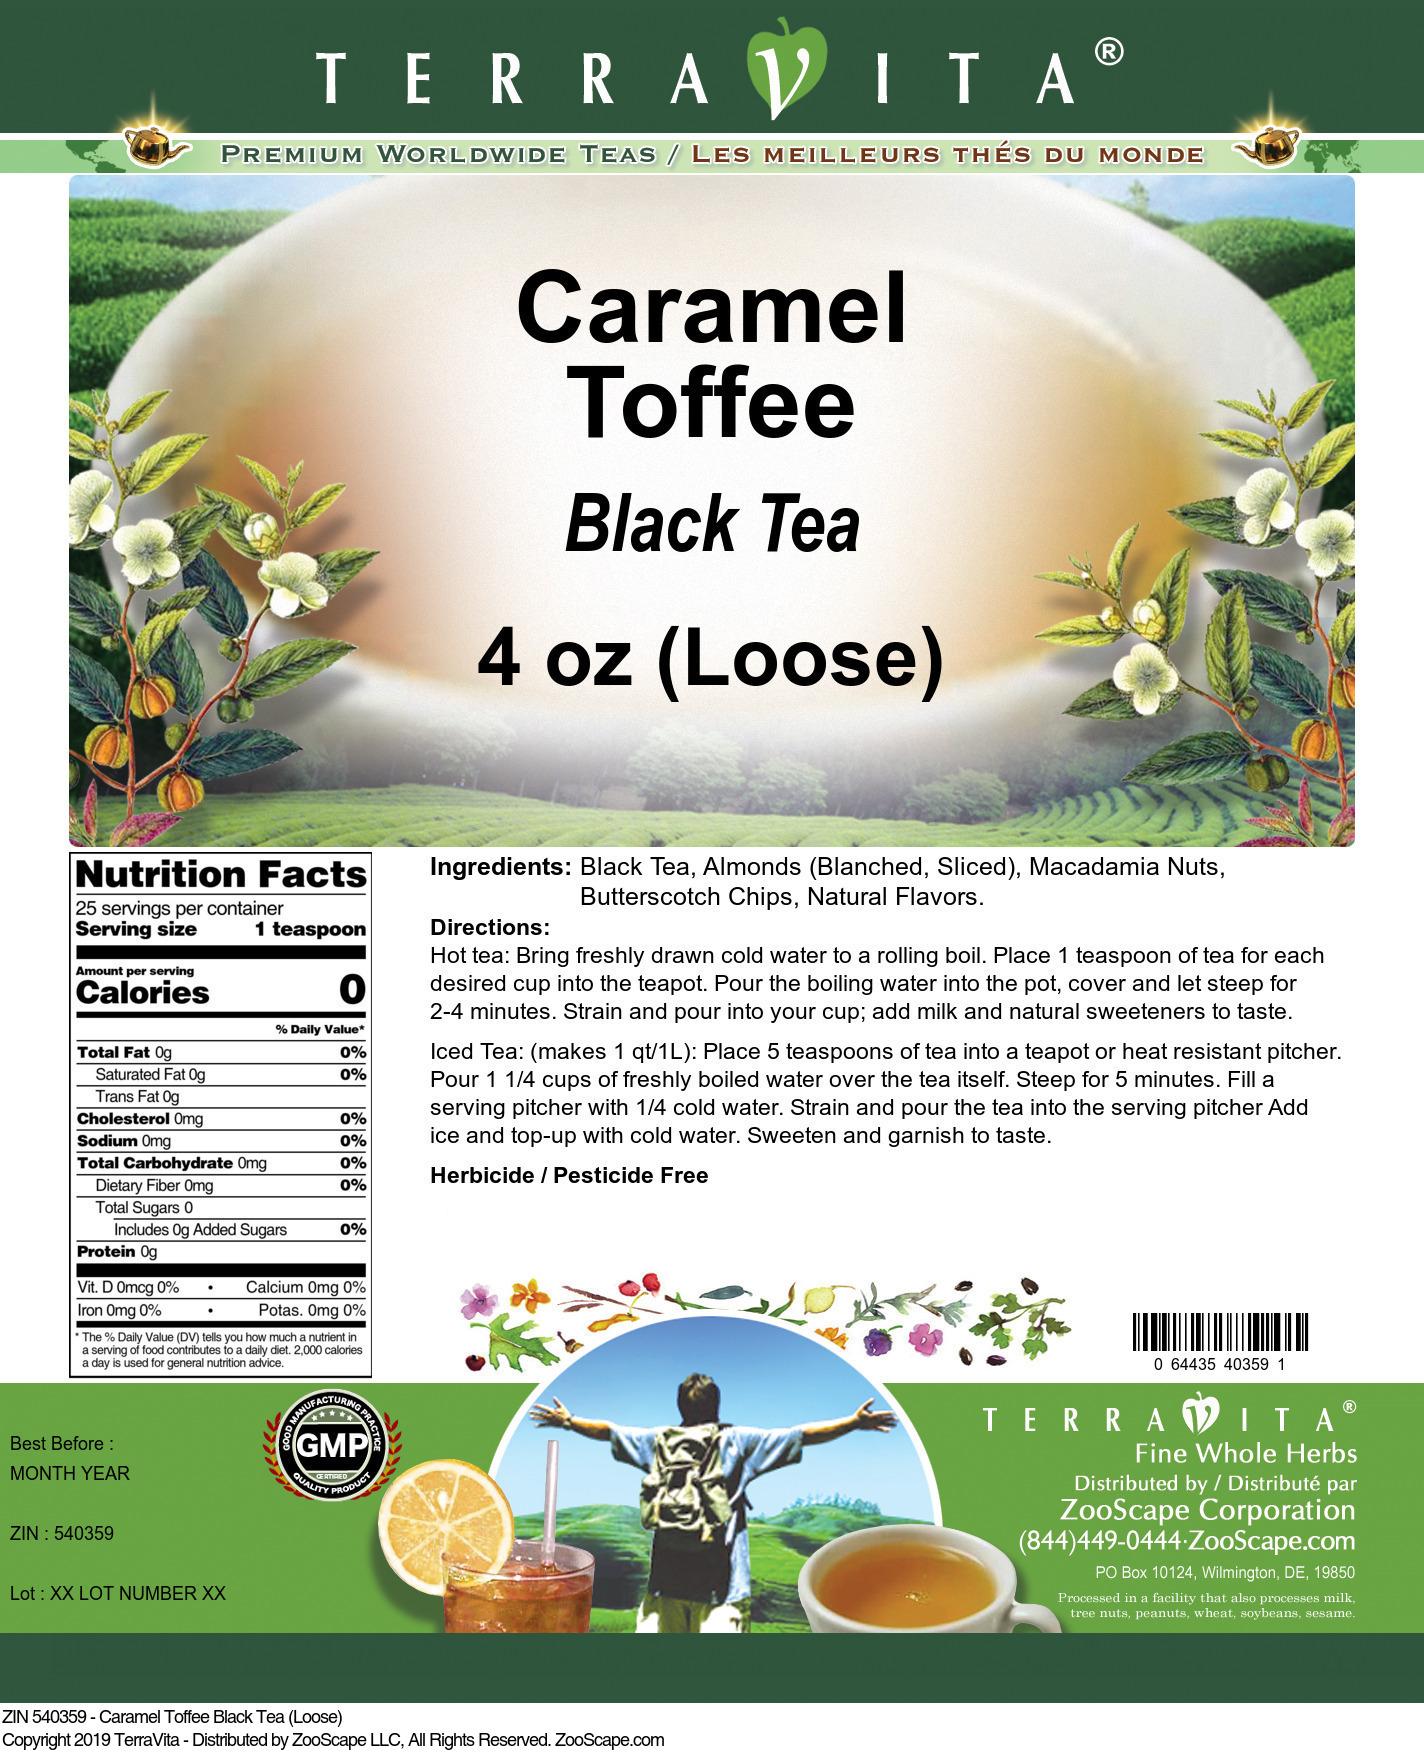 Caramel Toffee Black Tea (Loose)